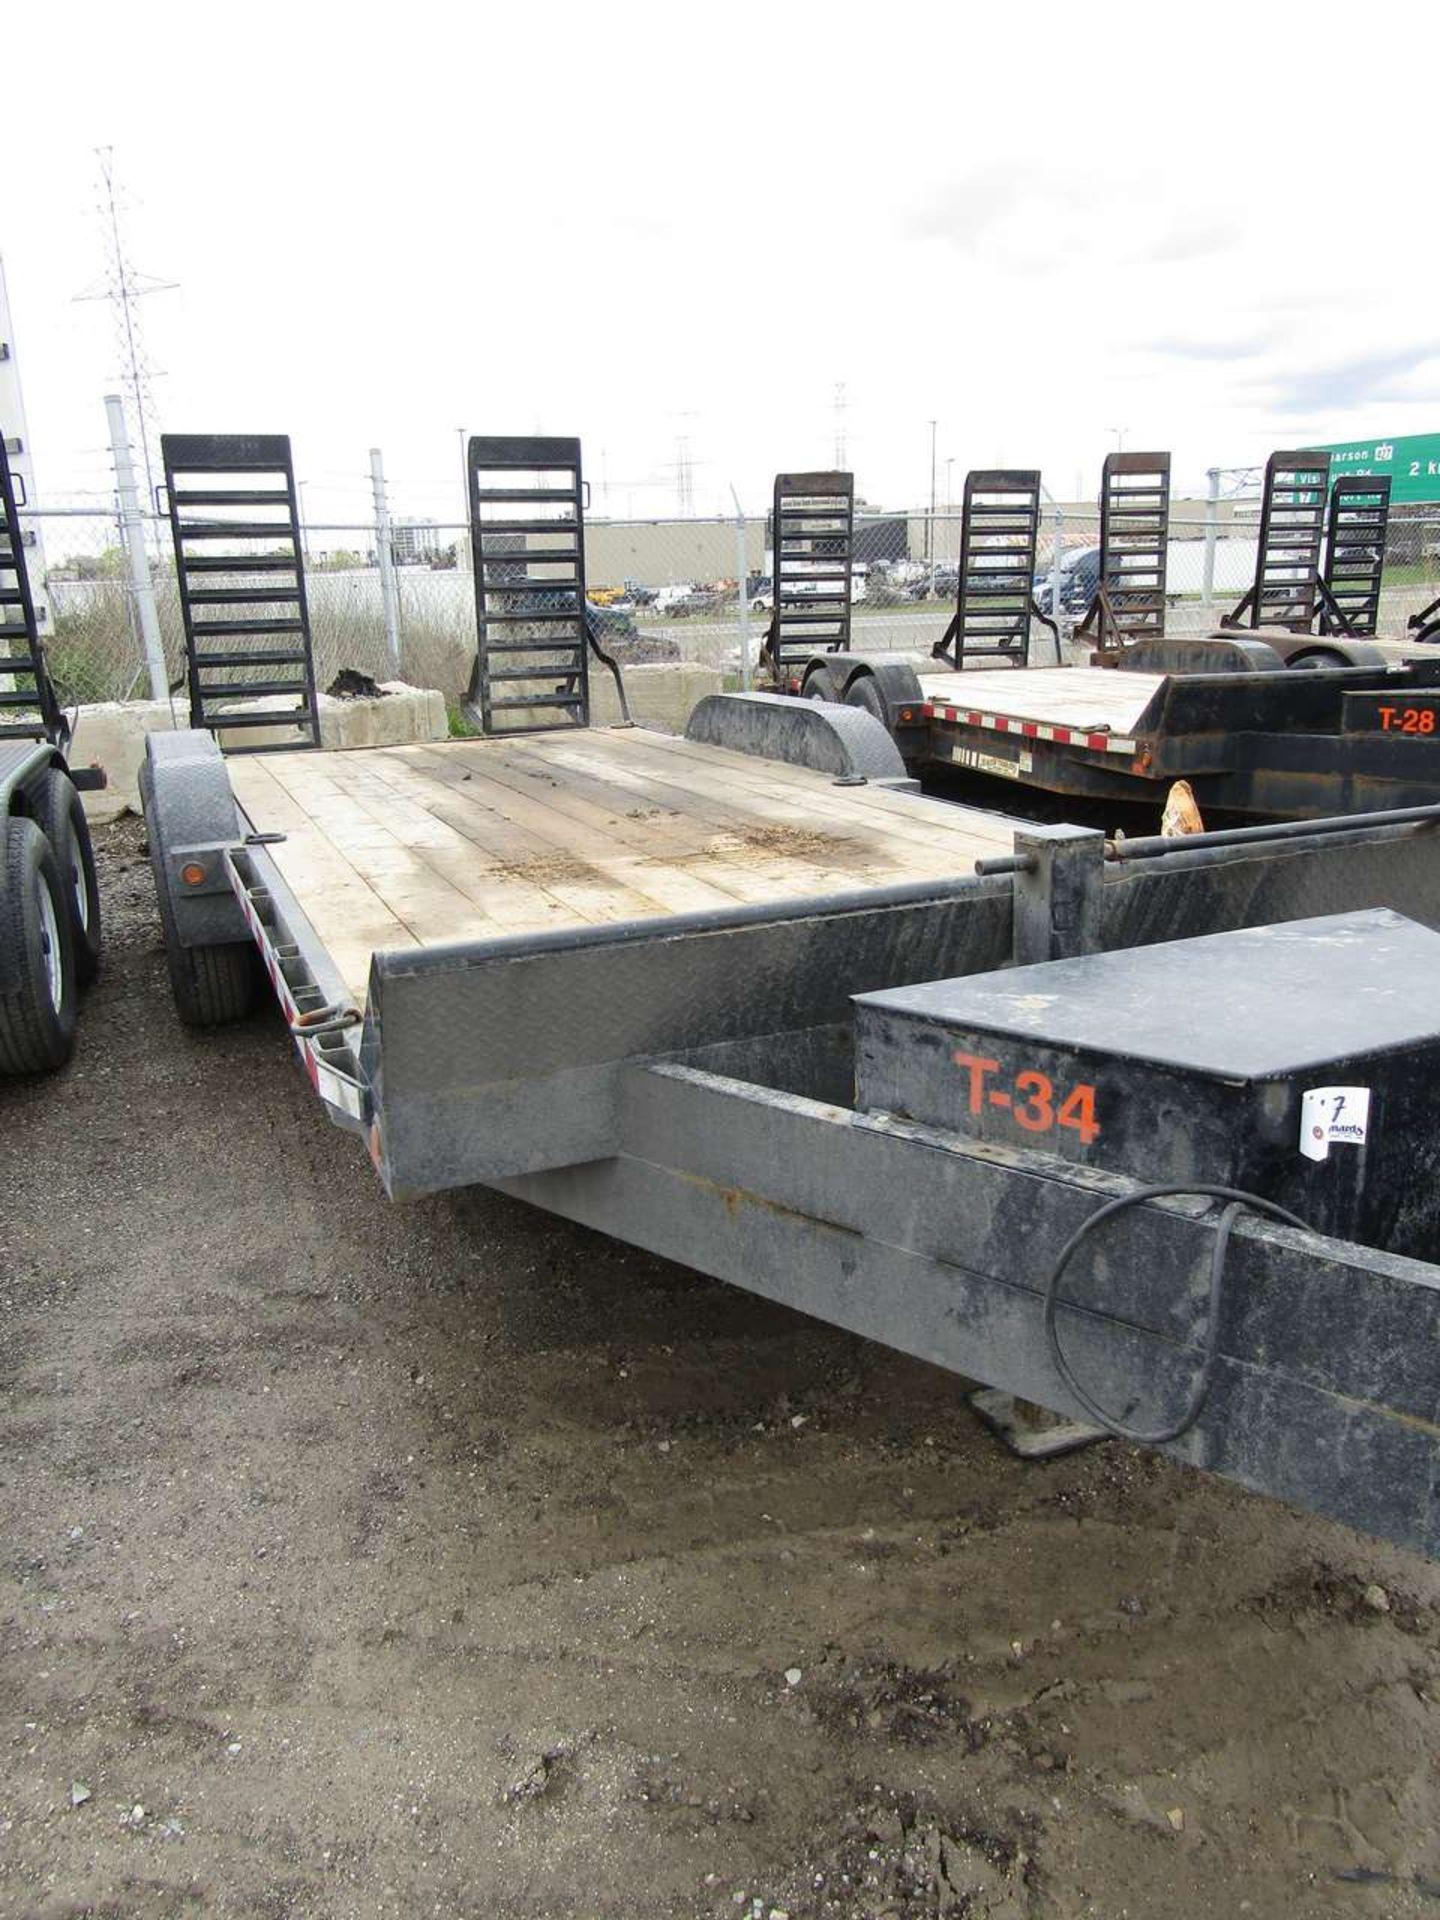 Lot 617 - 2015 Jensen 718 7 Ton Flat Deck